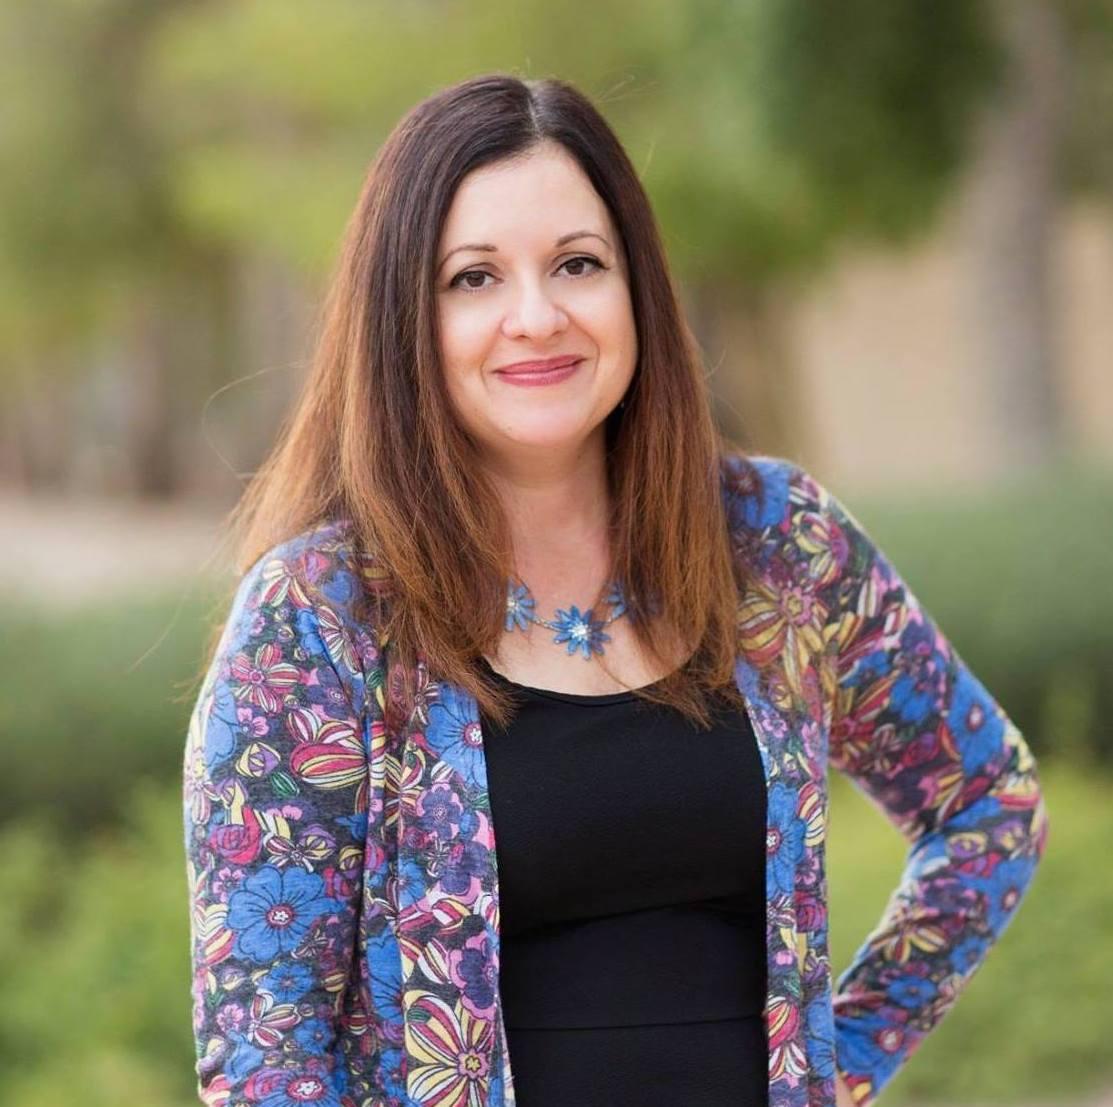 Image of Jennifer Fabbi